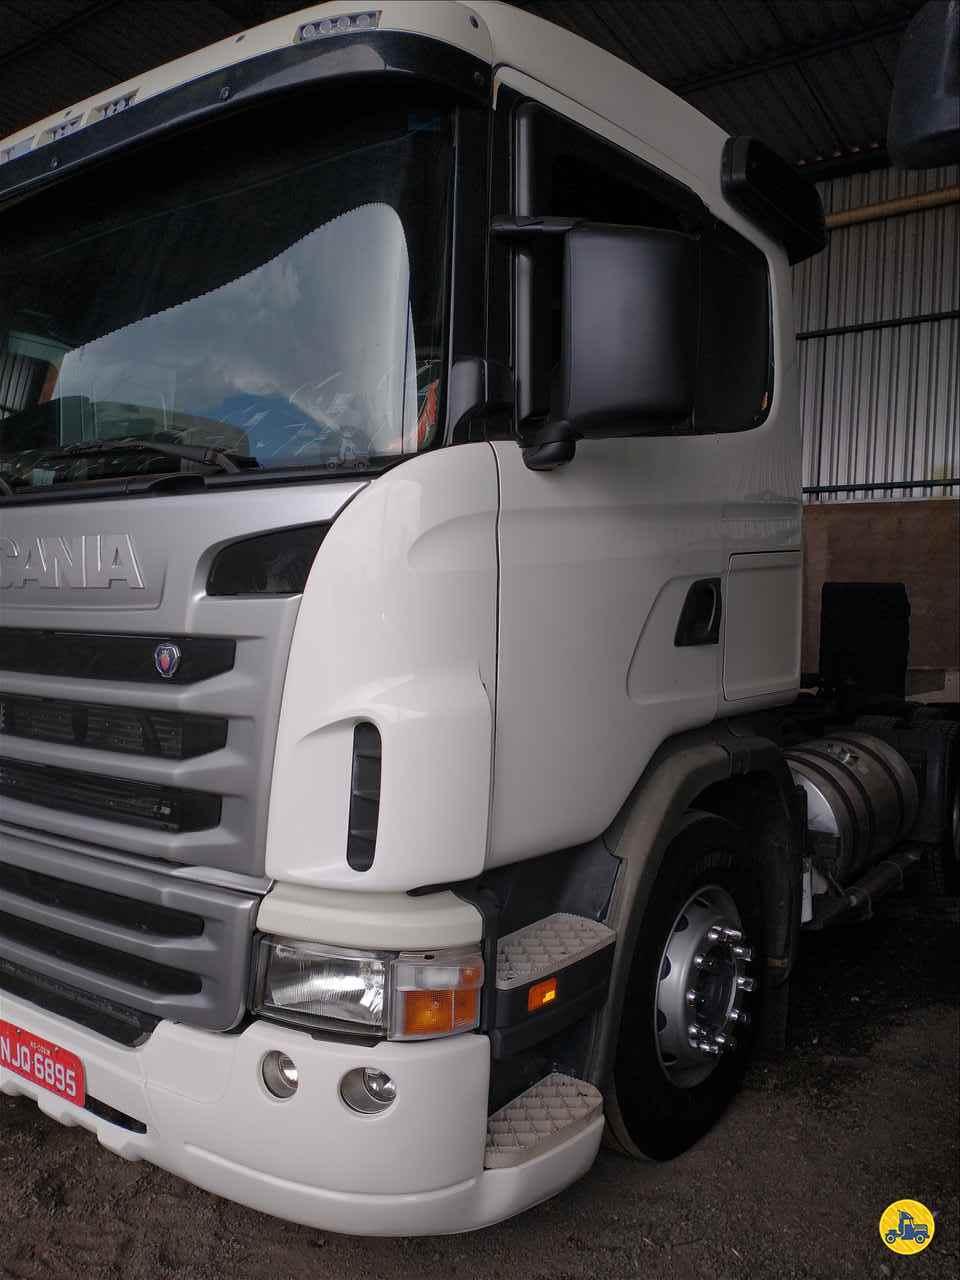 CAMINHAO SCANIA SCANIA 124 420 Cavalo Mecânico Truck 6x2 Cotral Caminhões SERRA DO SALITRE MINAS GERAIS MG